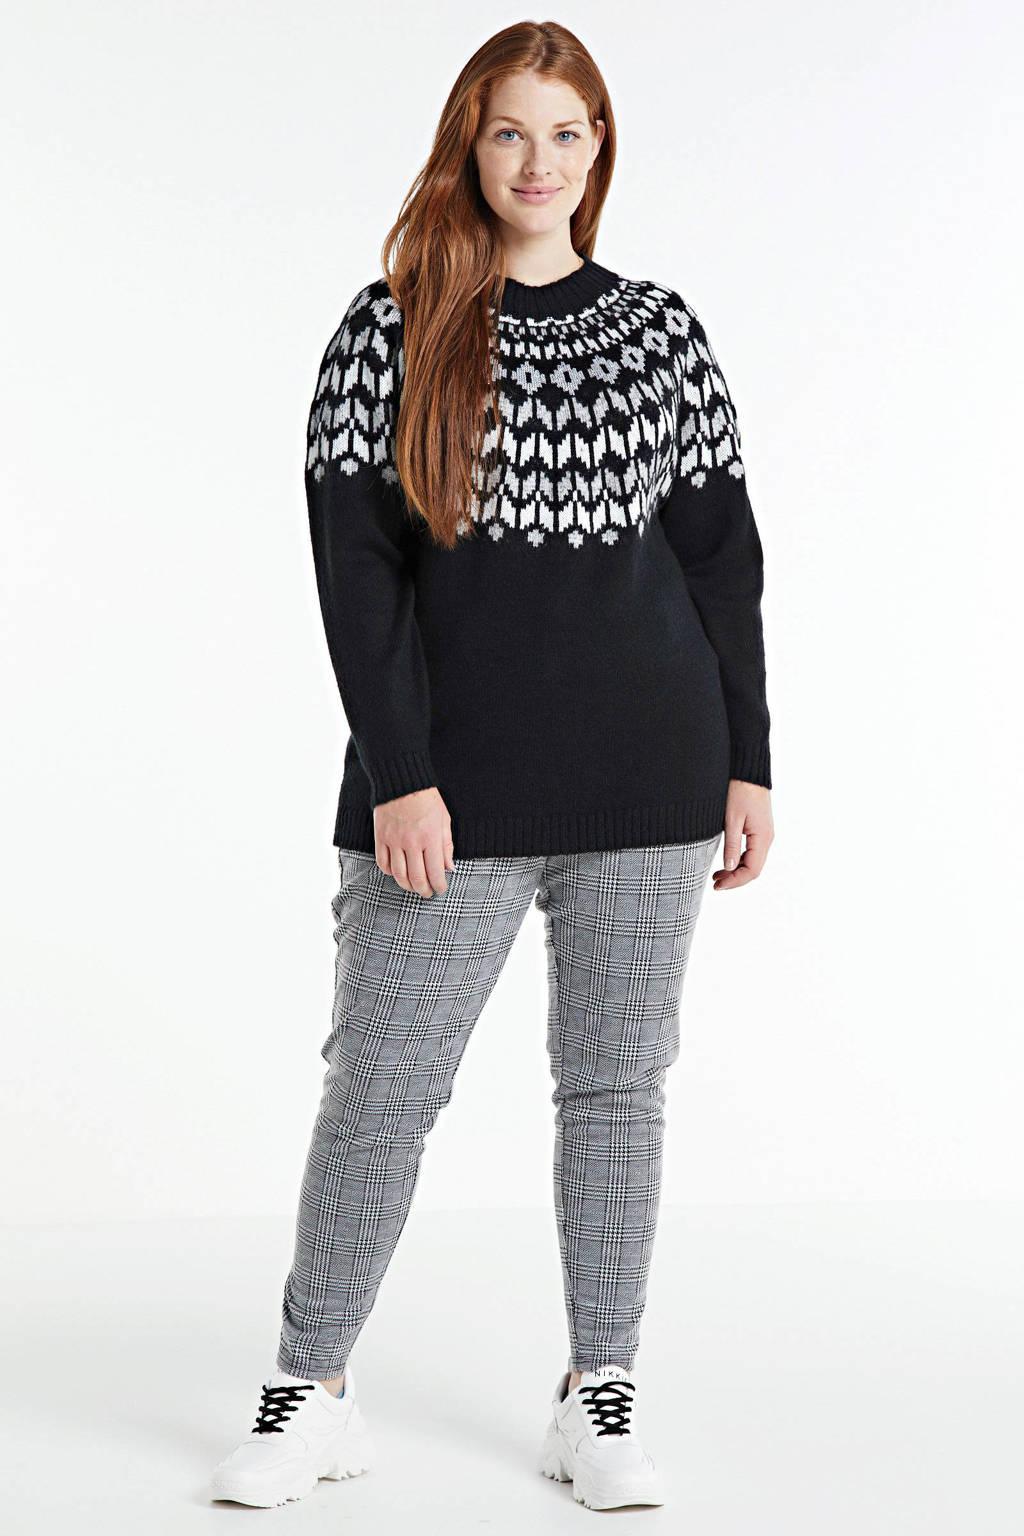 Zizzi gebreide trui Simone met printopdruk zwart/wit/grijs, Zwart/wit/grijs